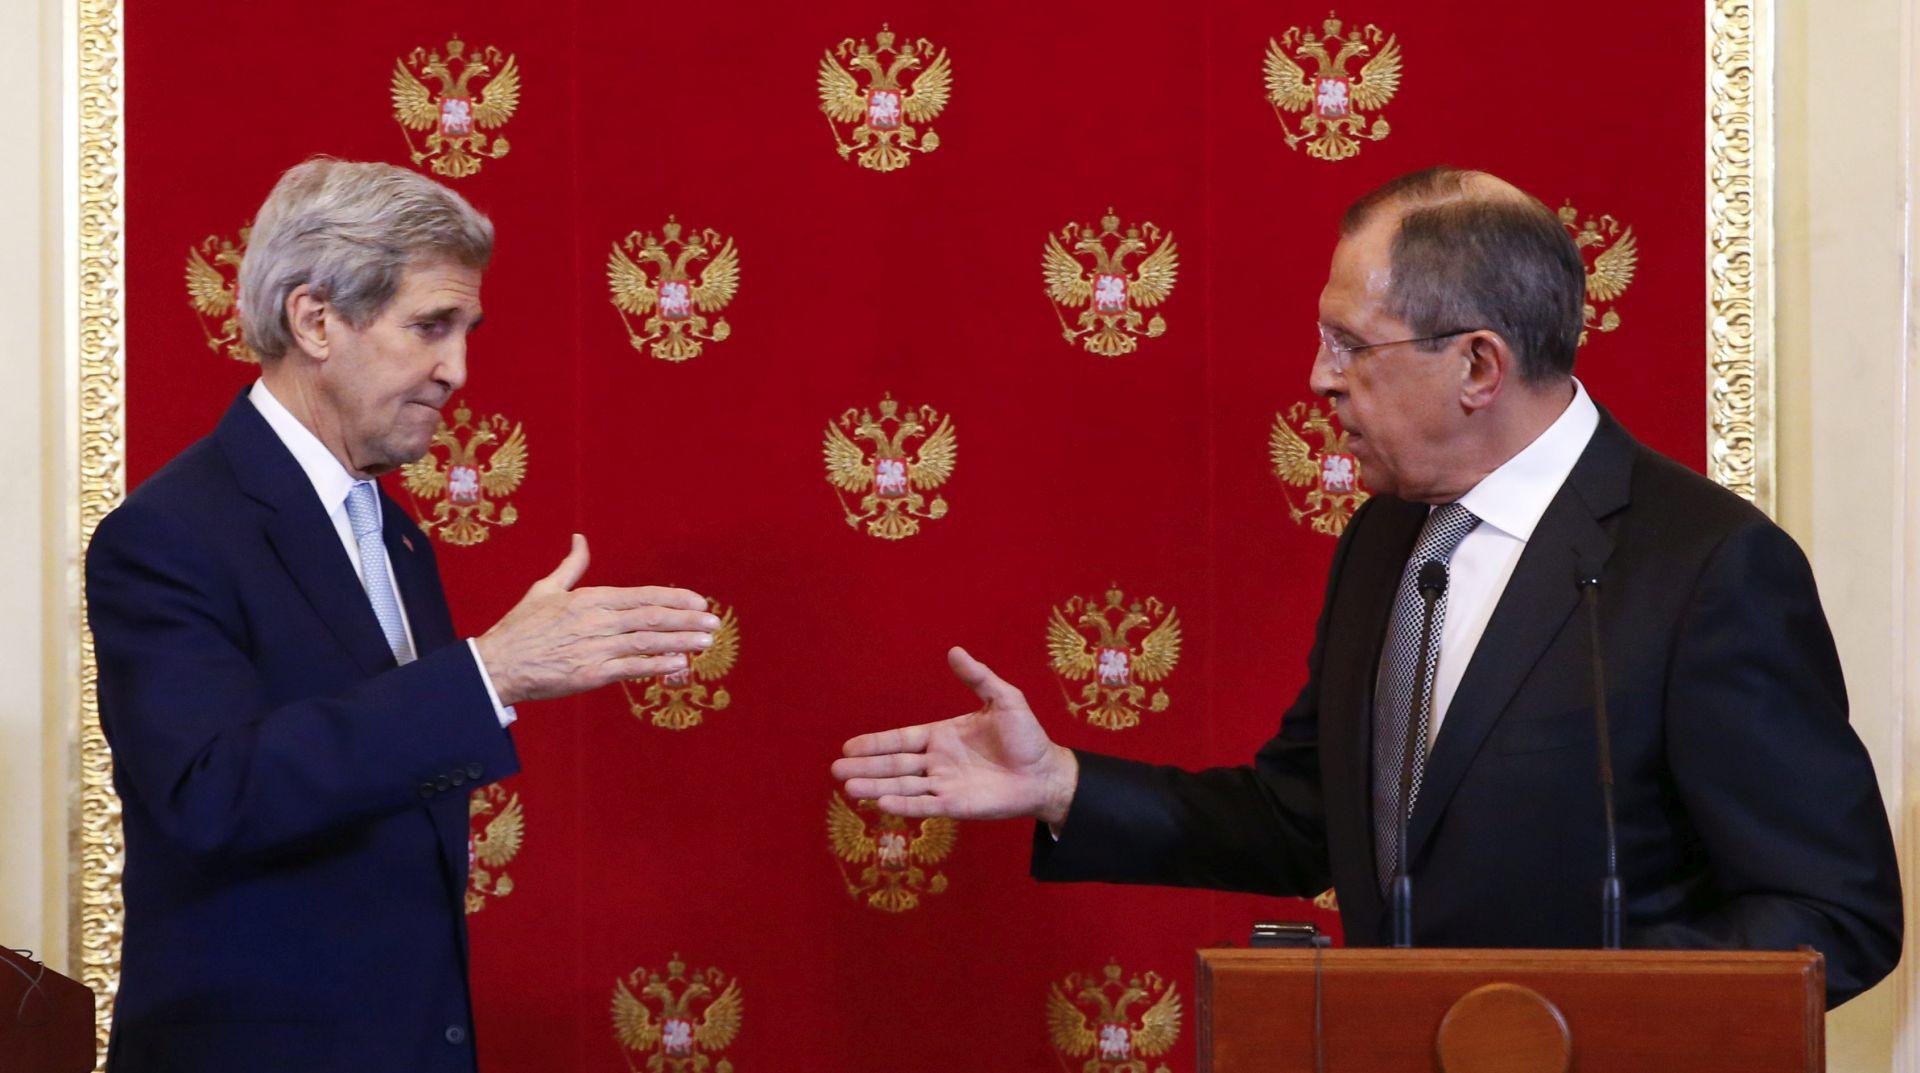 O SIRIJSKOJ I UKRAJINSKOJ KRIZI: Lavrov i Kerry 20. siječnja u Zuerichu